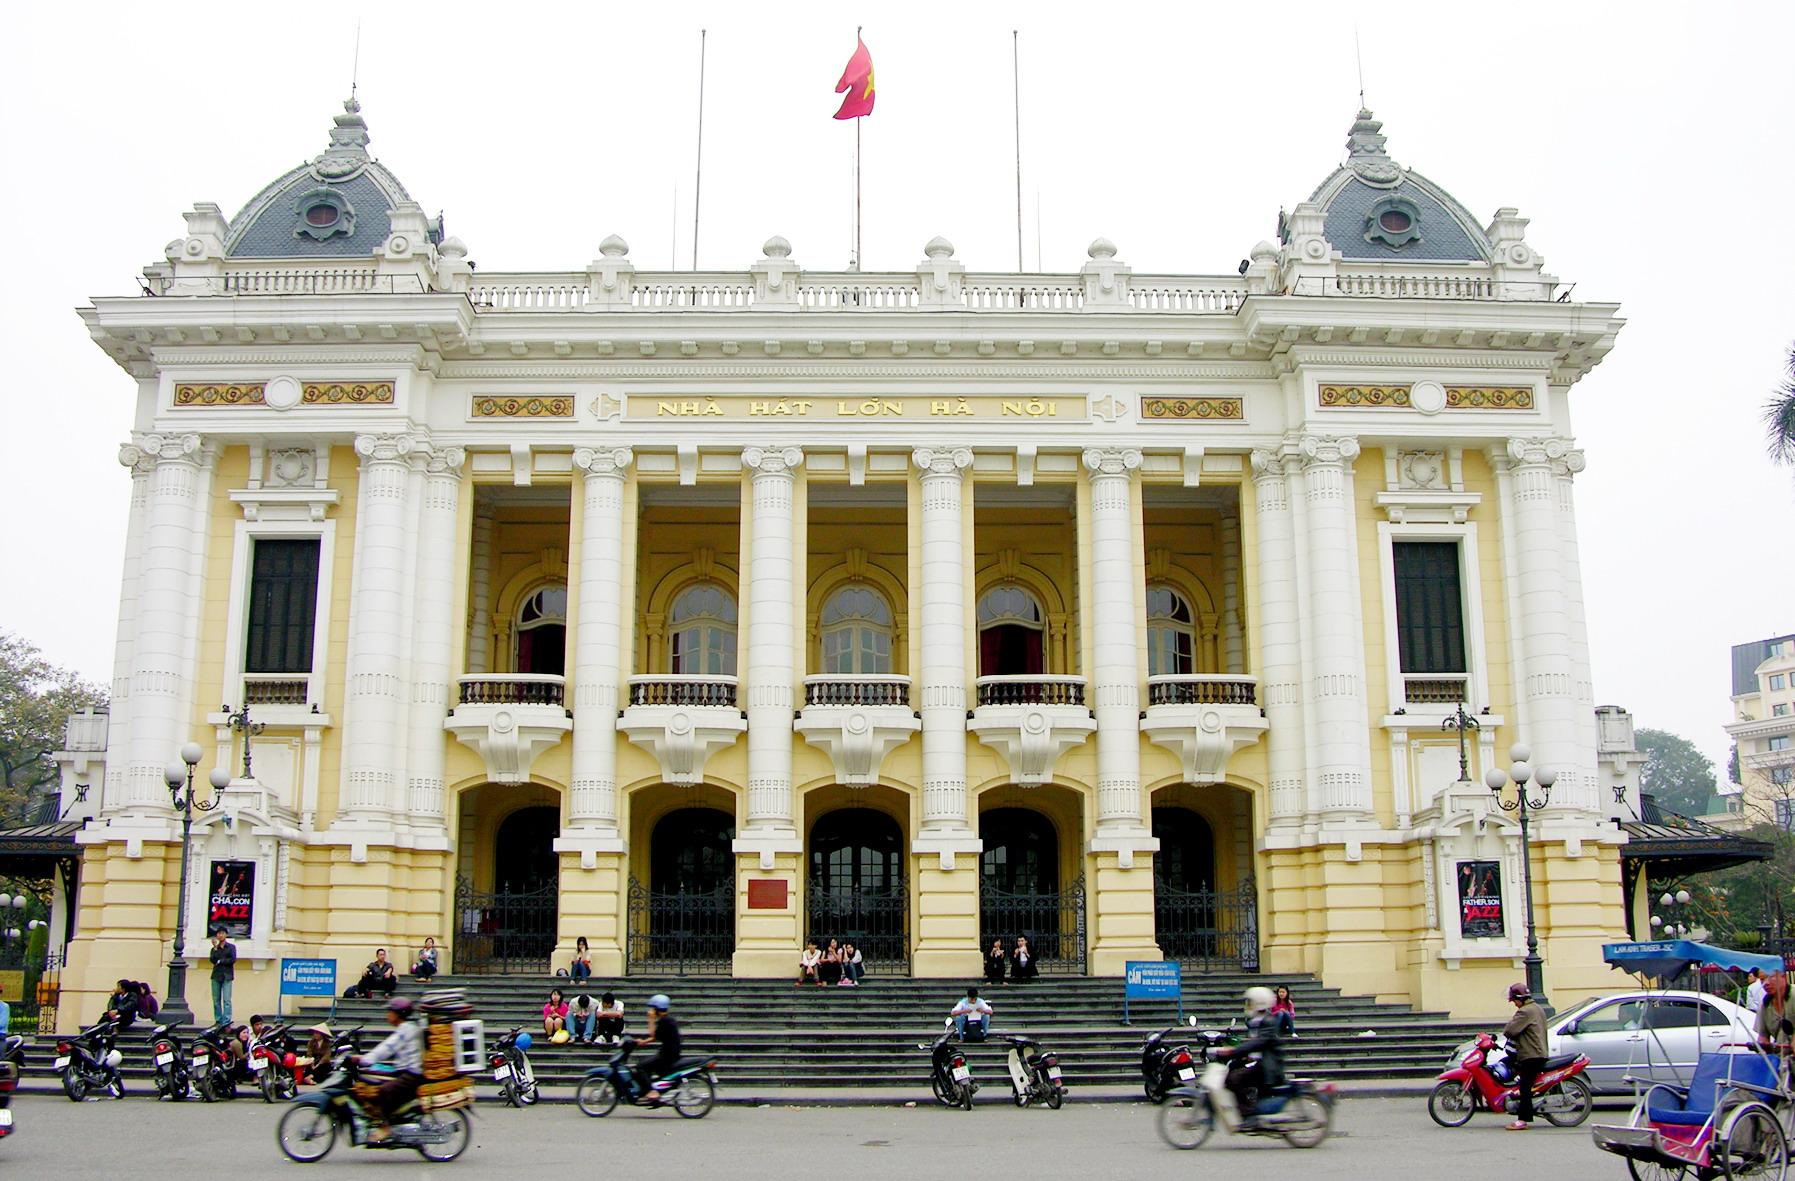 Diện mạo của Nhà hát lớn Hà Nội với màu sơn vàng nhạt trước đợt trùng tu, sơn sửa lại vào tháng 7/2015